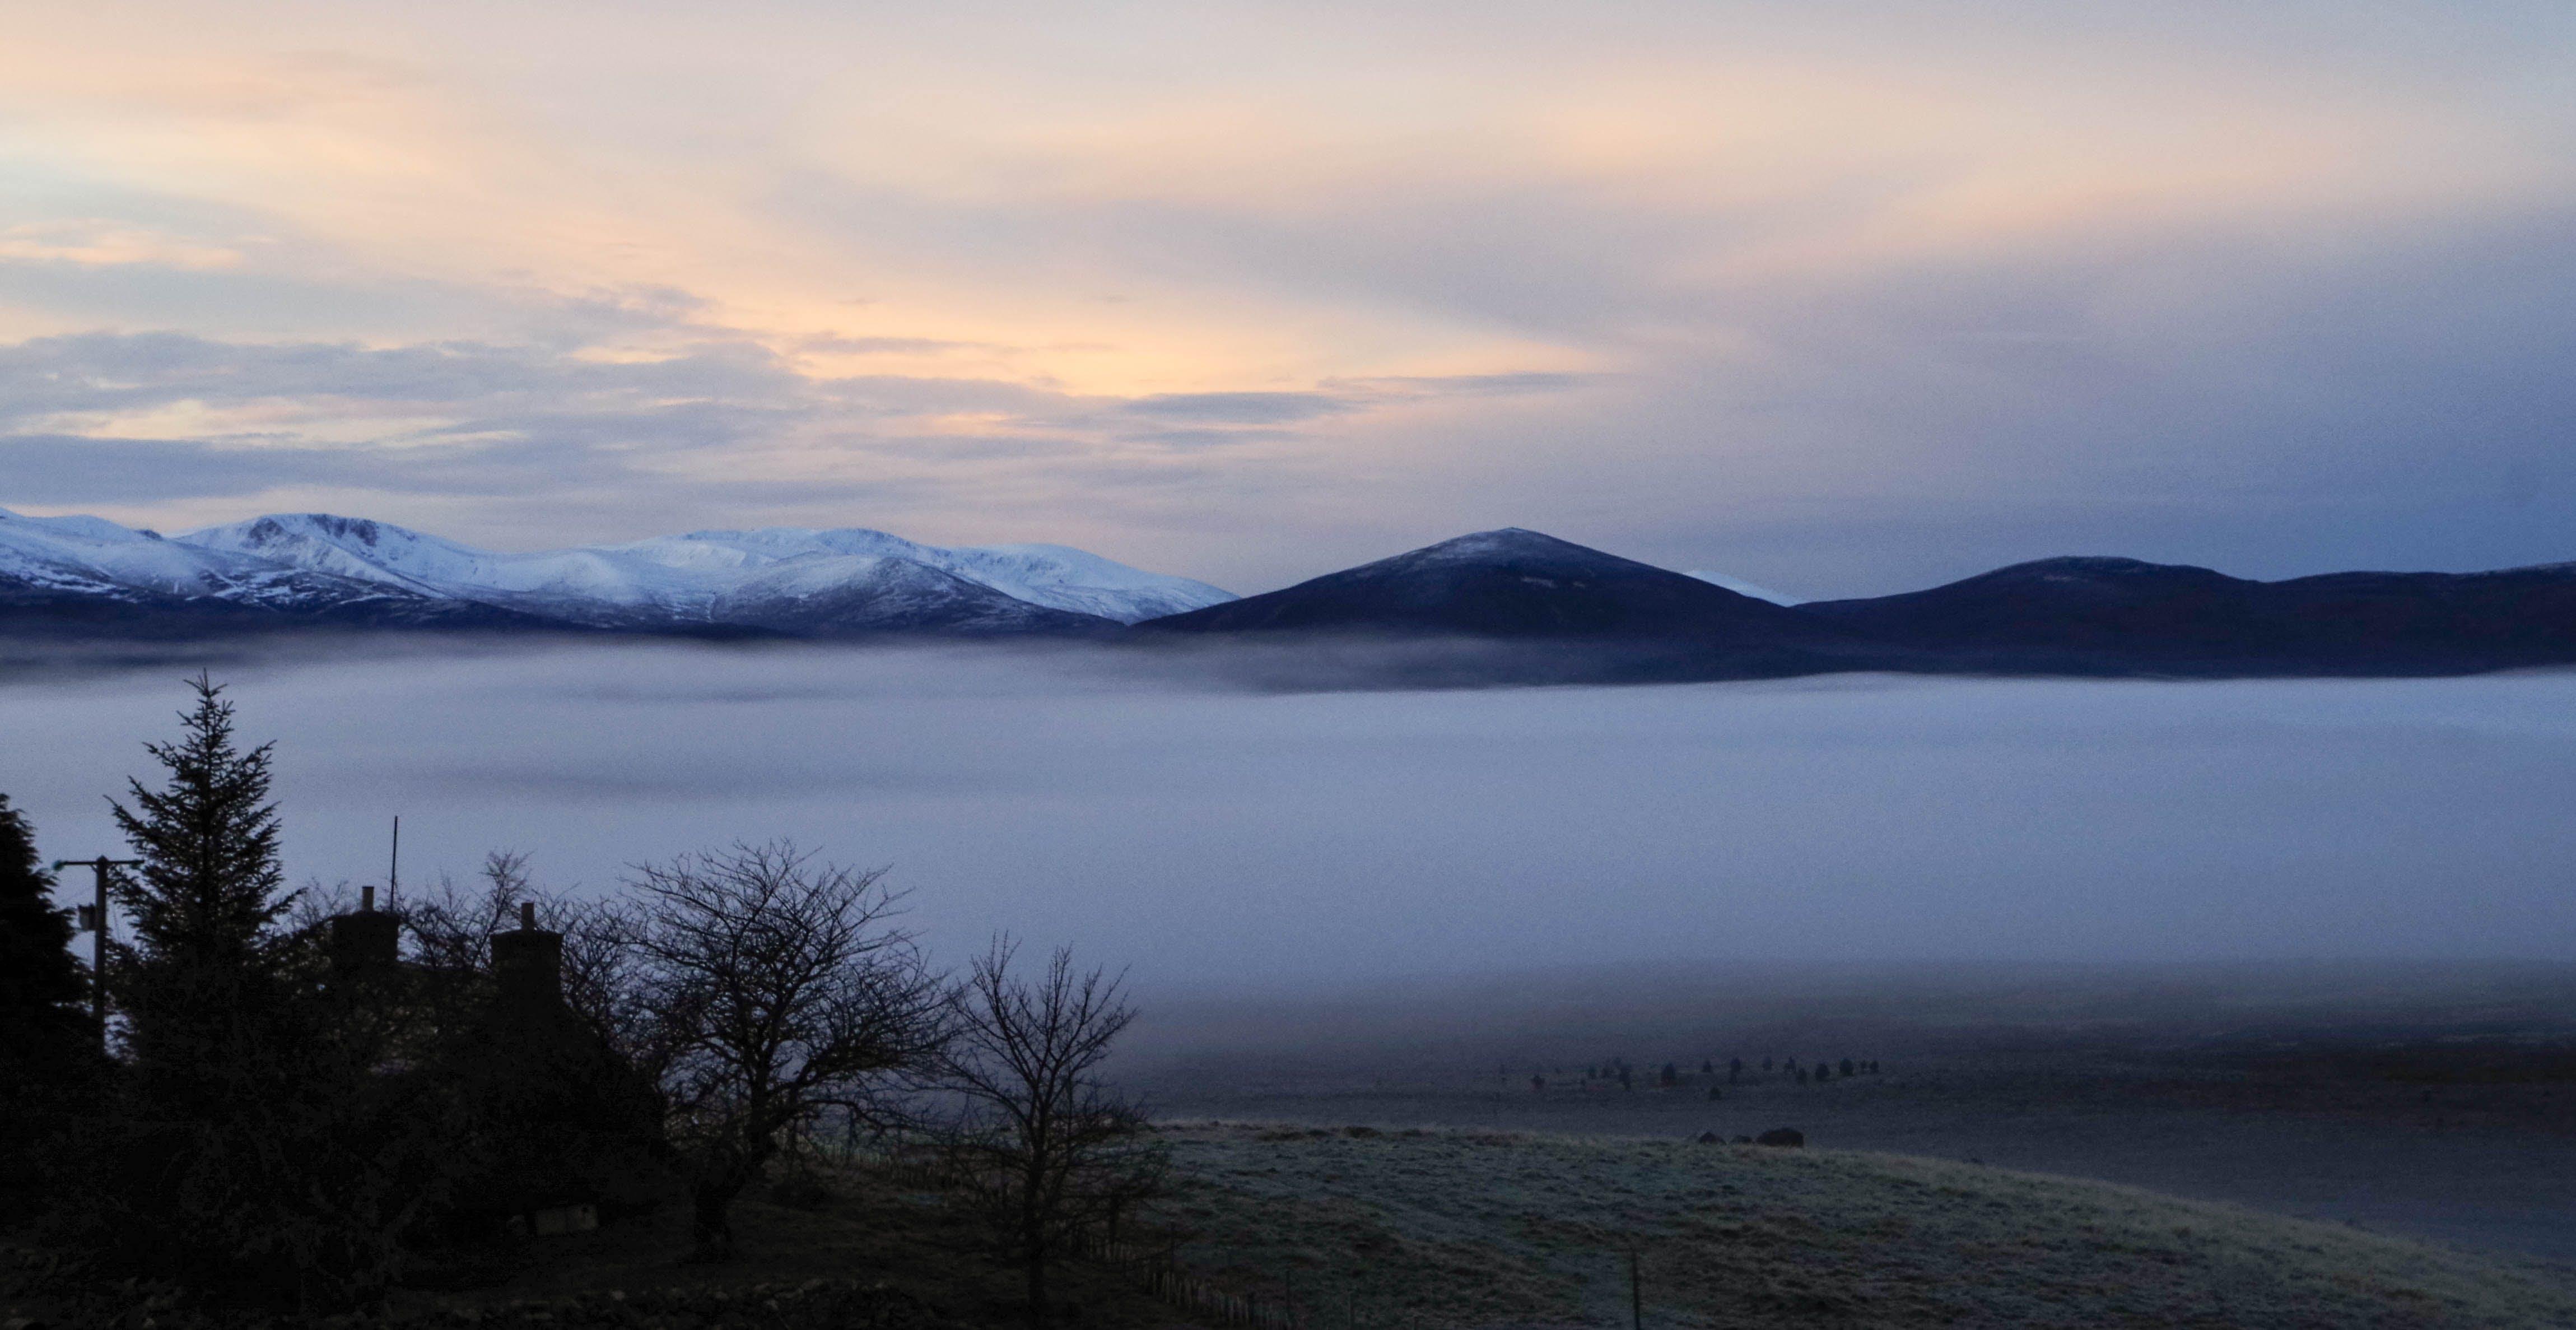 Kostnadsfri bild av bergen, bergstopp, bergstoppar, dagsljus